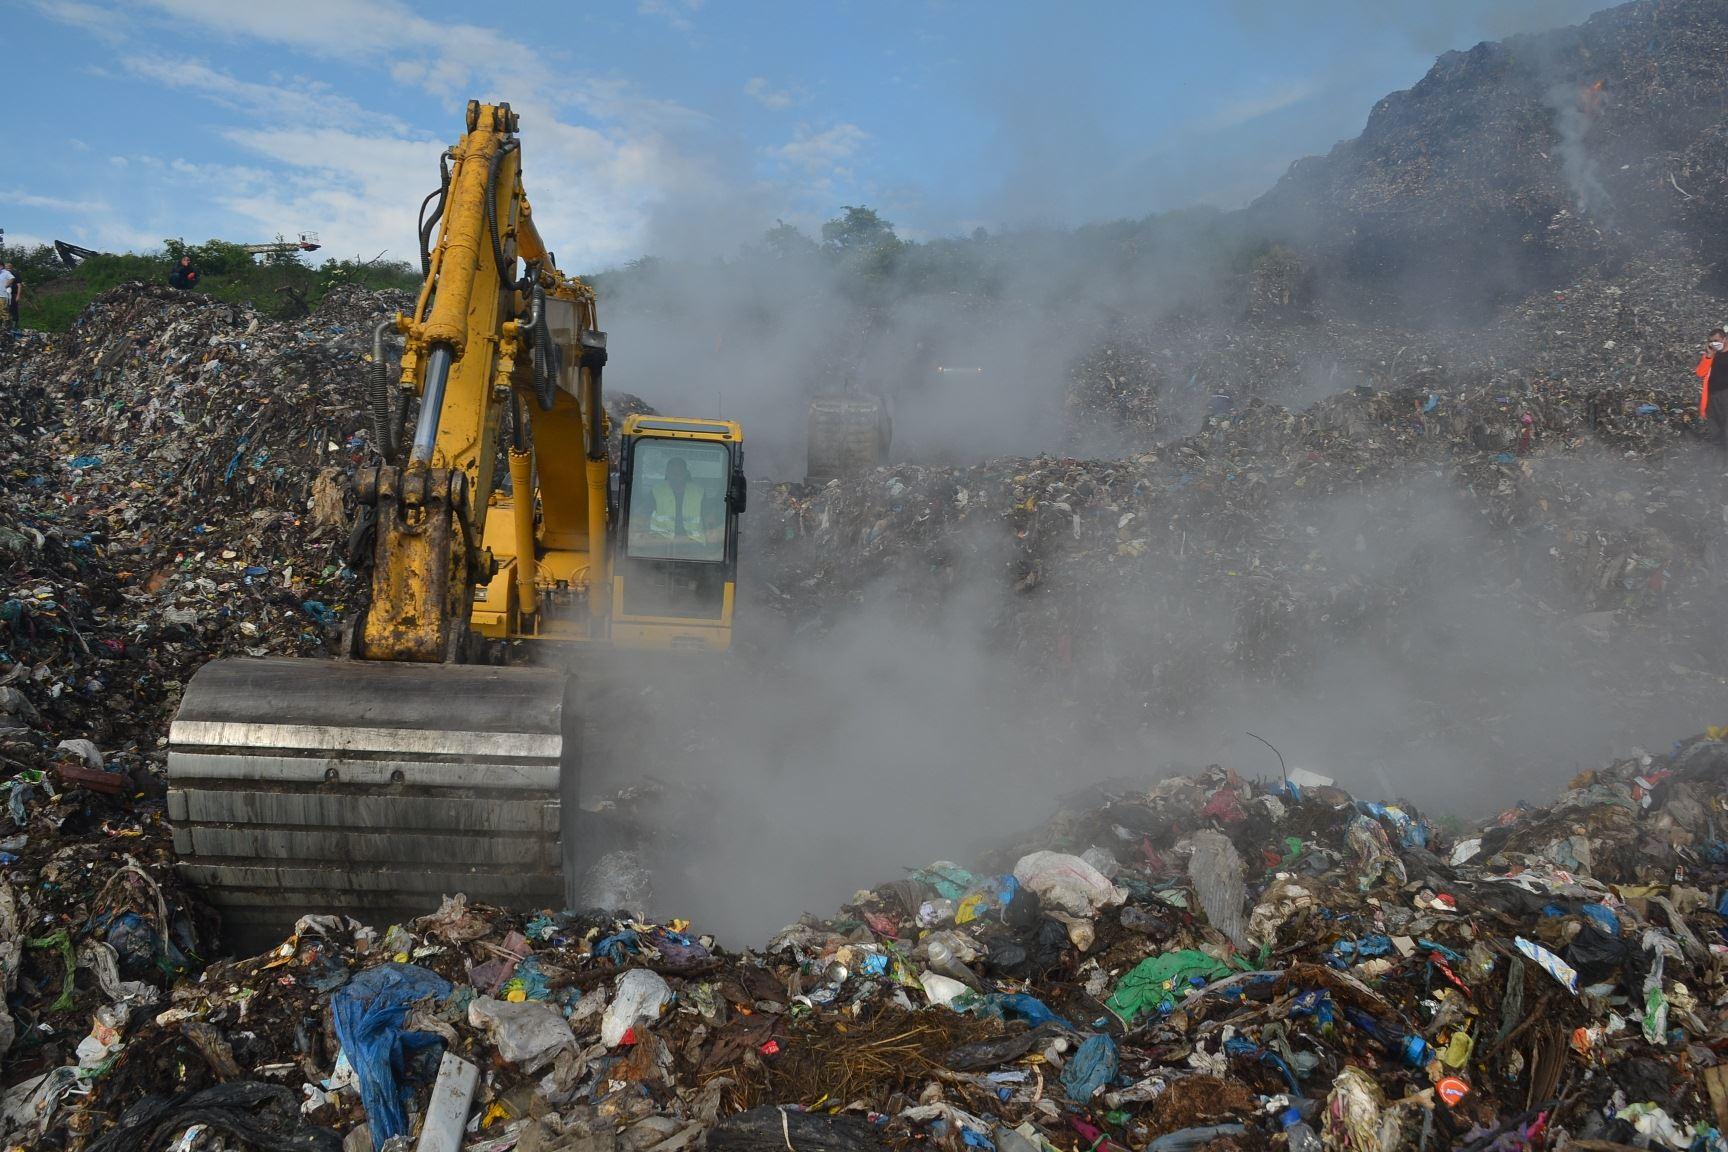 Сім'ї загиблих на сміттєзвалищі рятувальників отримають квартири